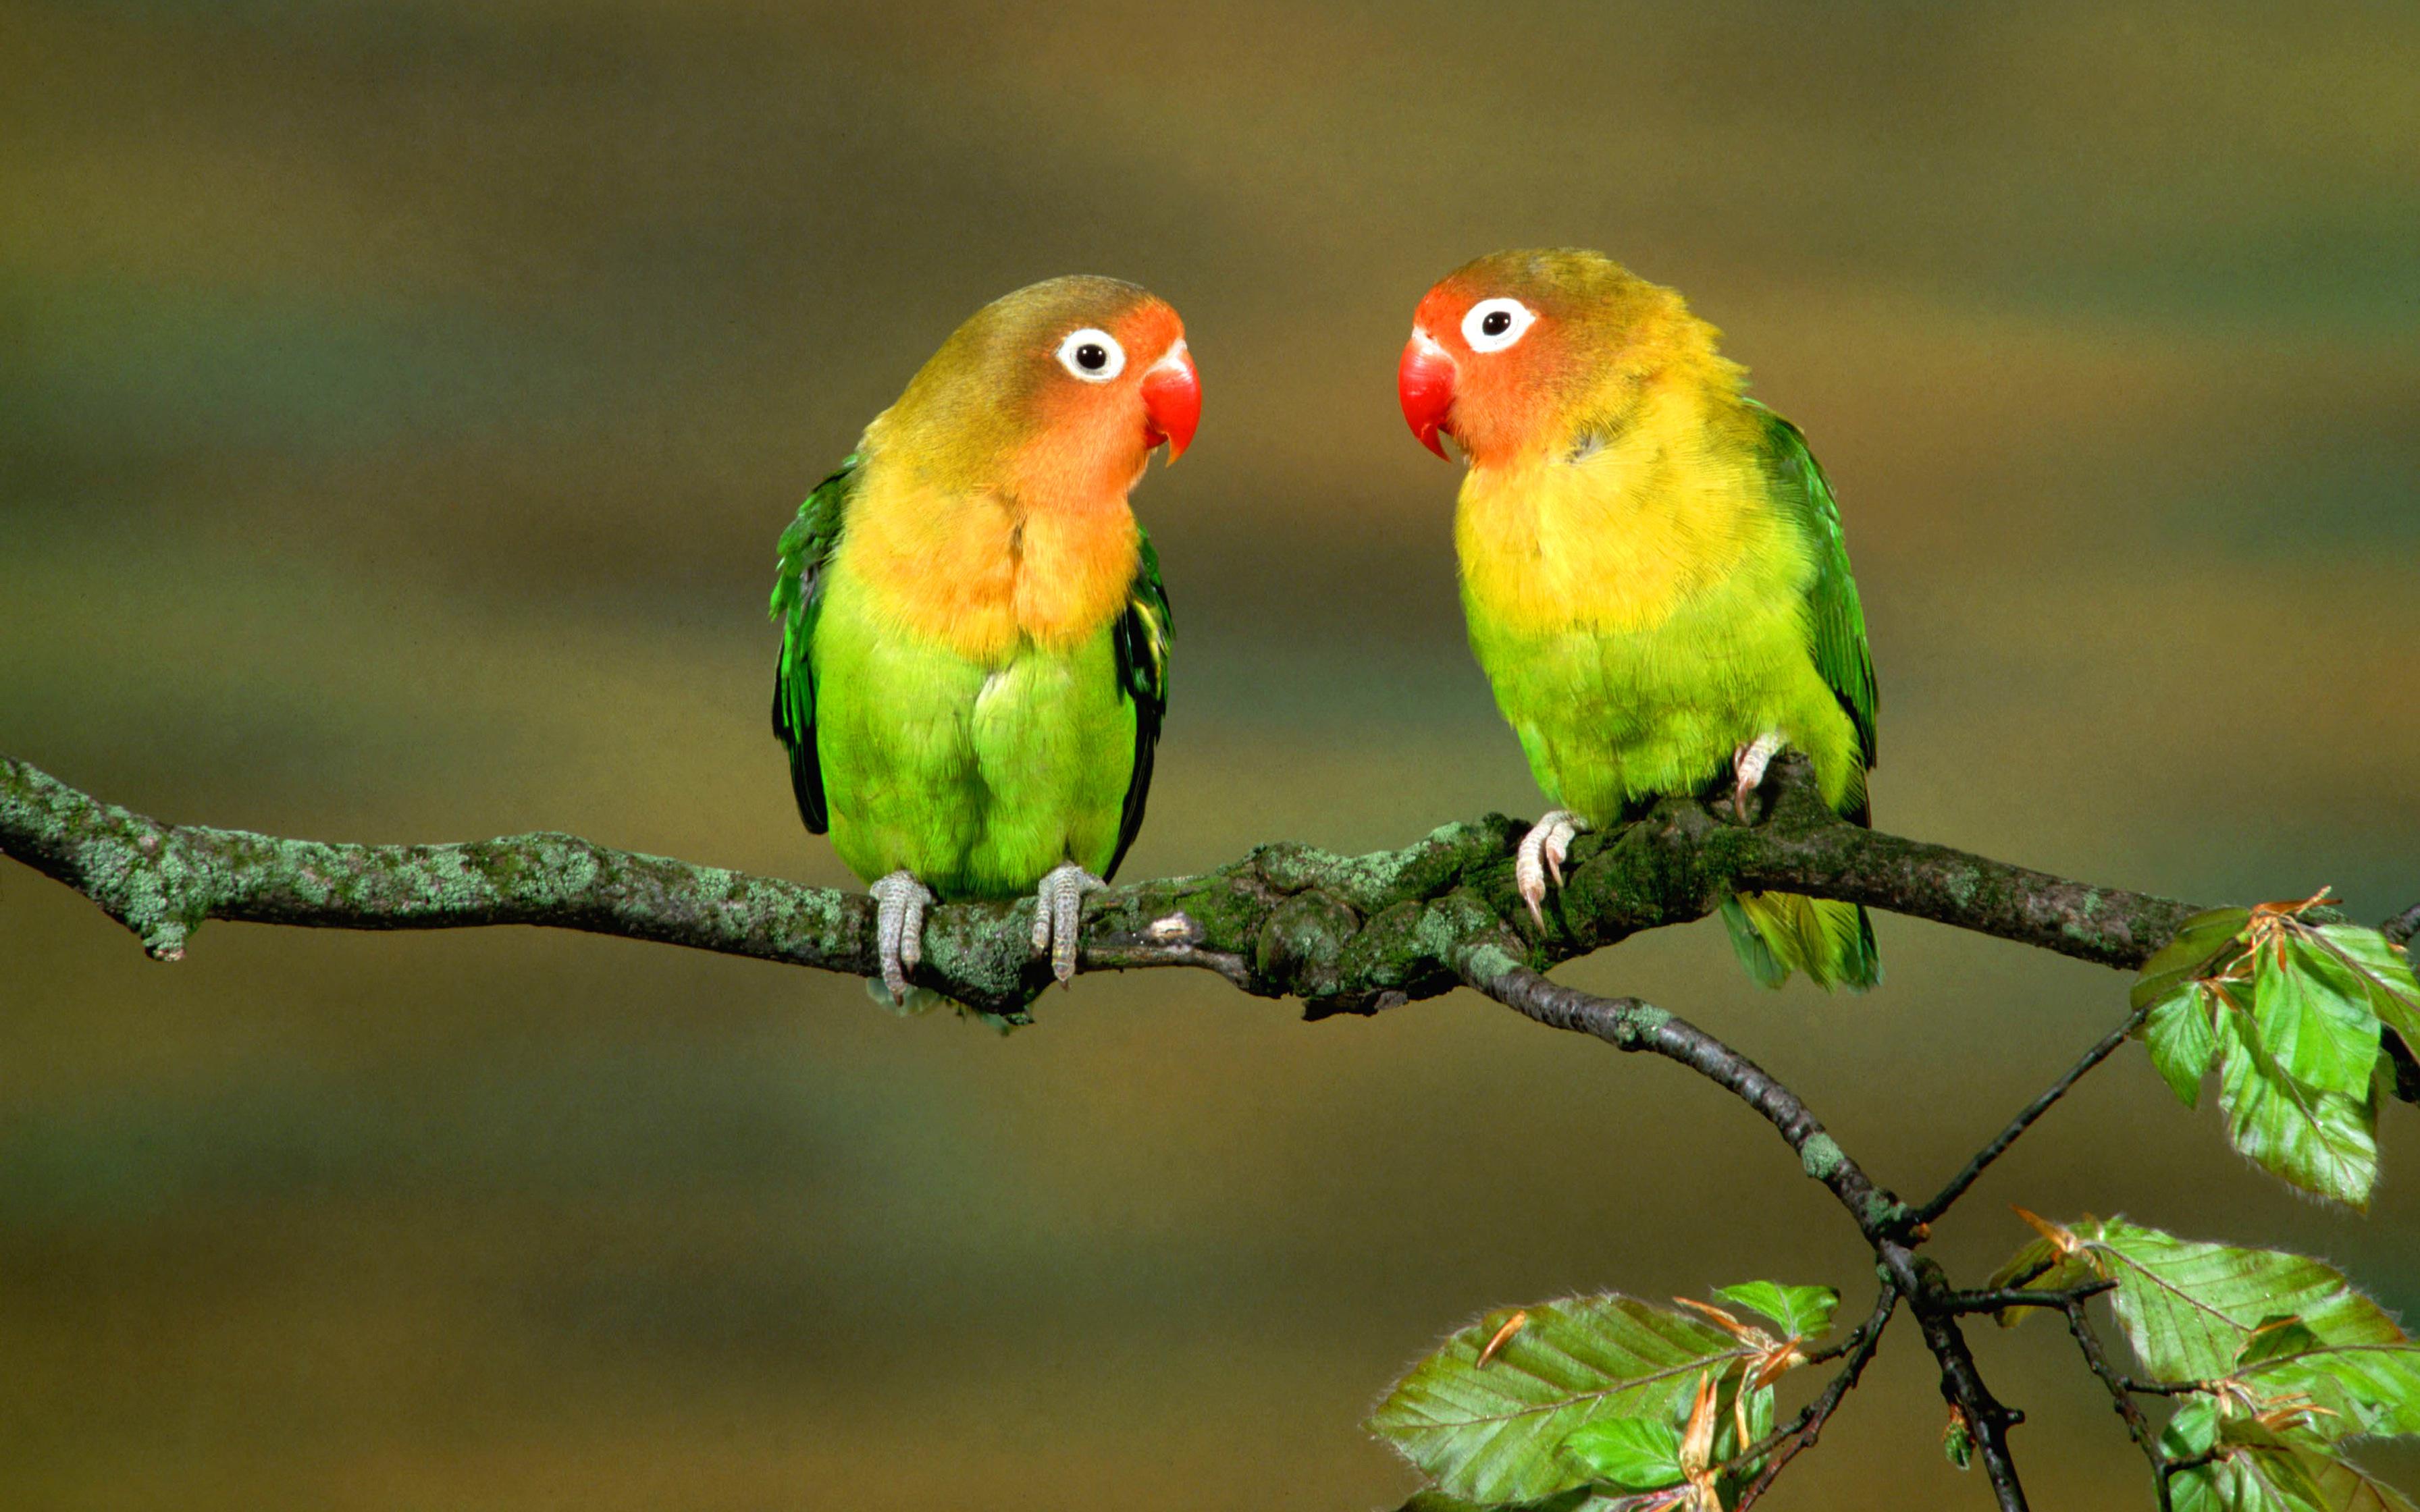 два цветных попугая сидят на ветке дерева, скачать фото, обои для рабочего стола